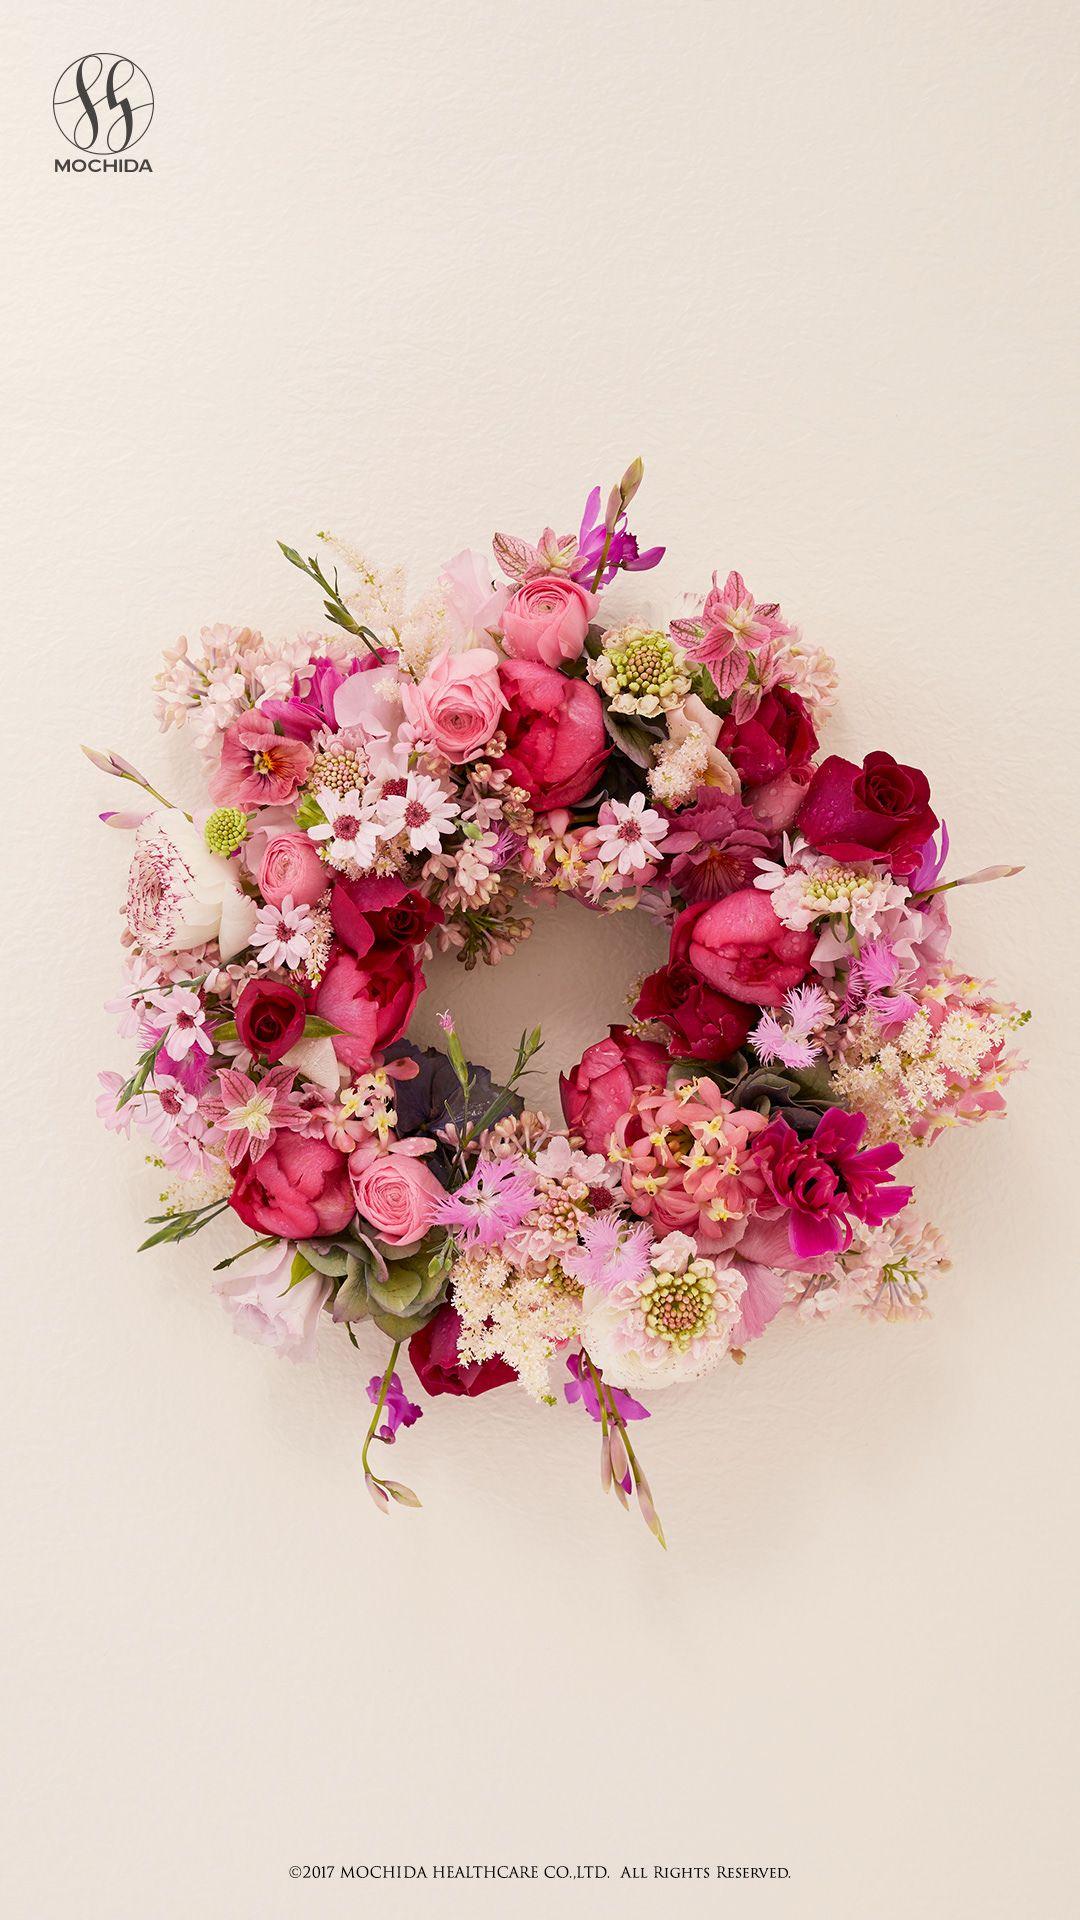 花のカレンダー壁紙ダウンロード 公式持田ヘルスケアのオンライン 花 イラスト 花 壁紙 壁紙